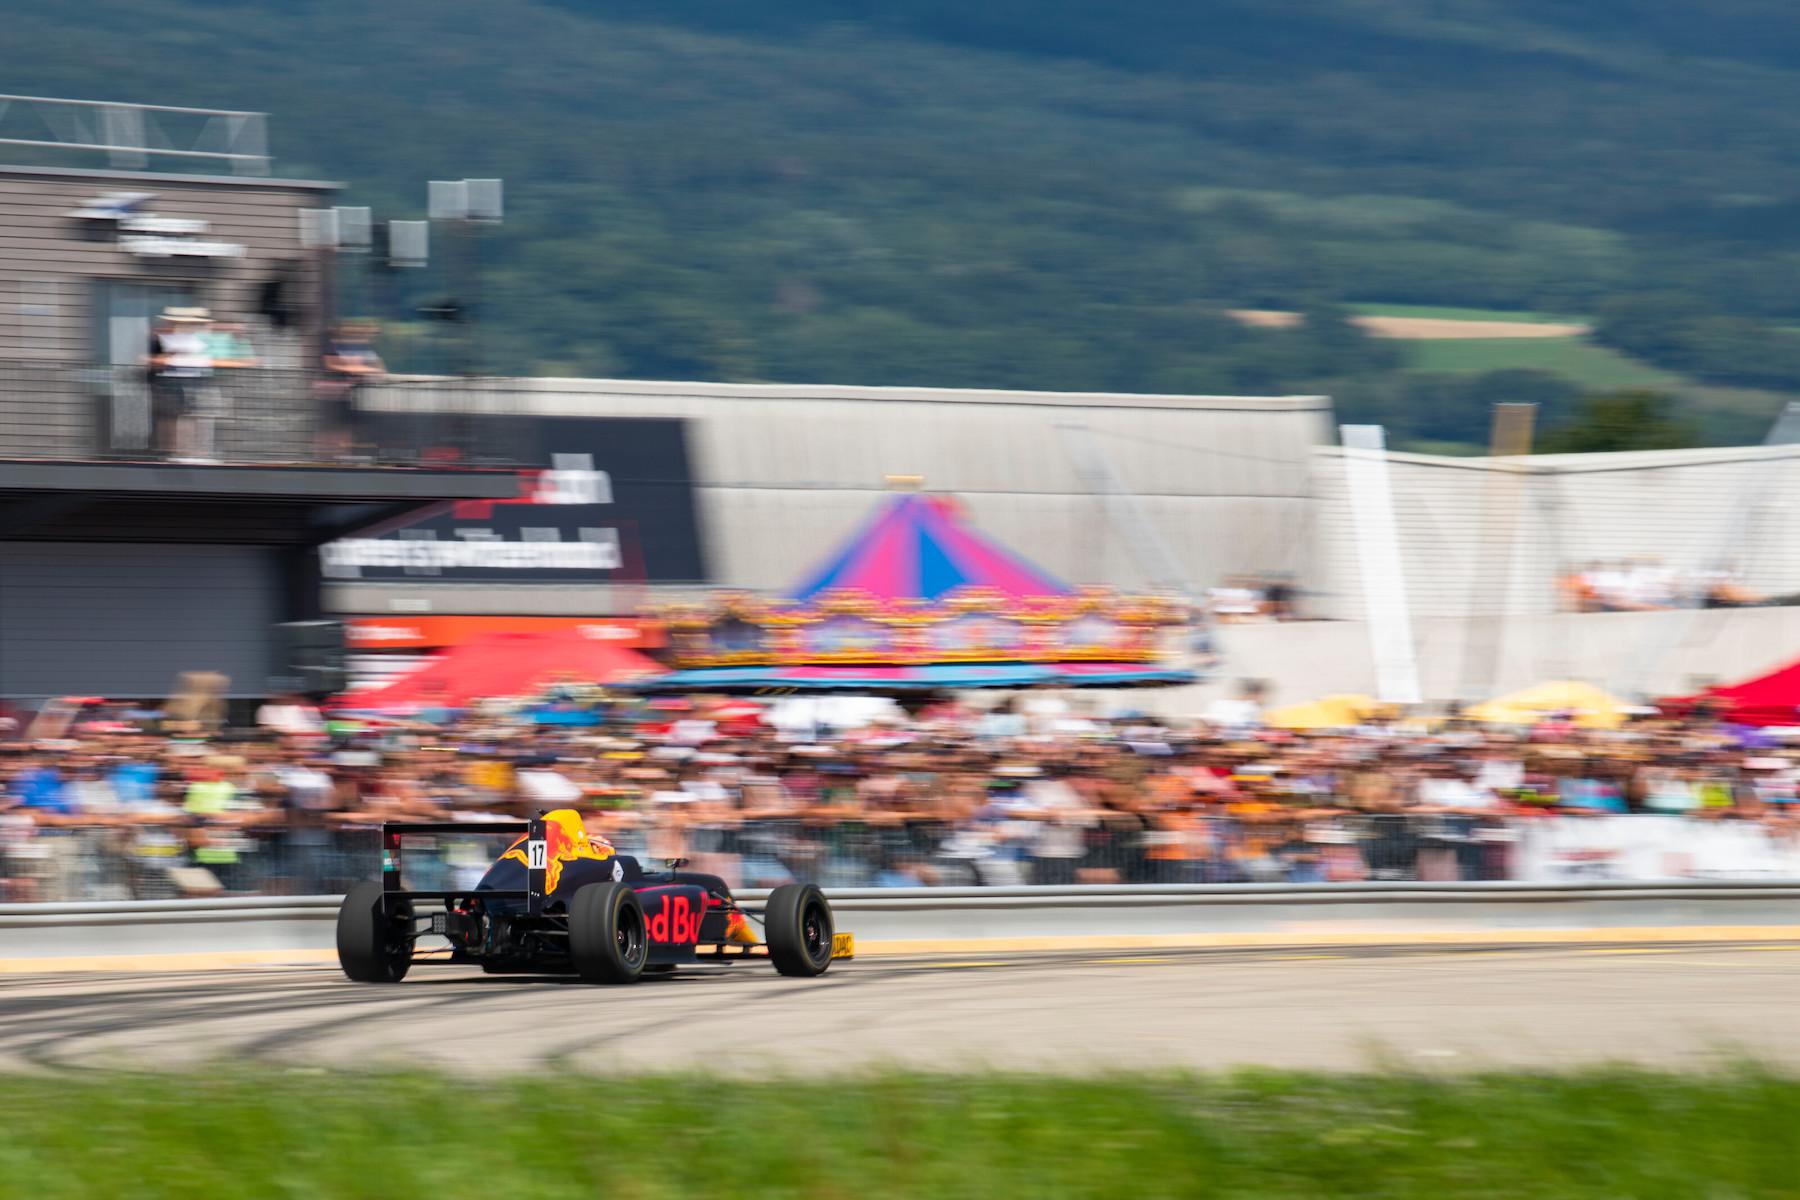 2019 Red Bull at Switzerland 10.jpg